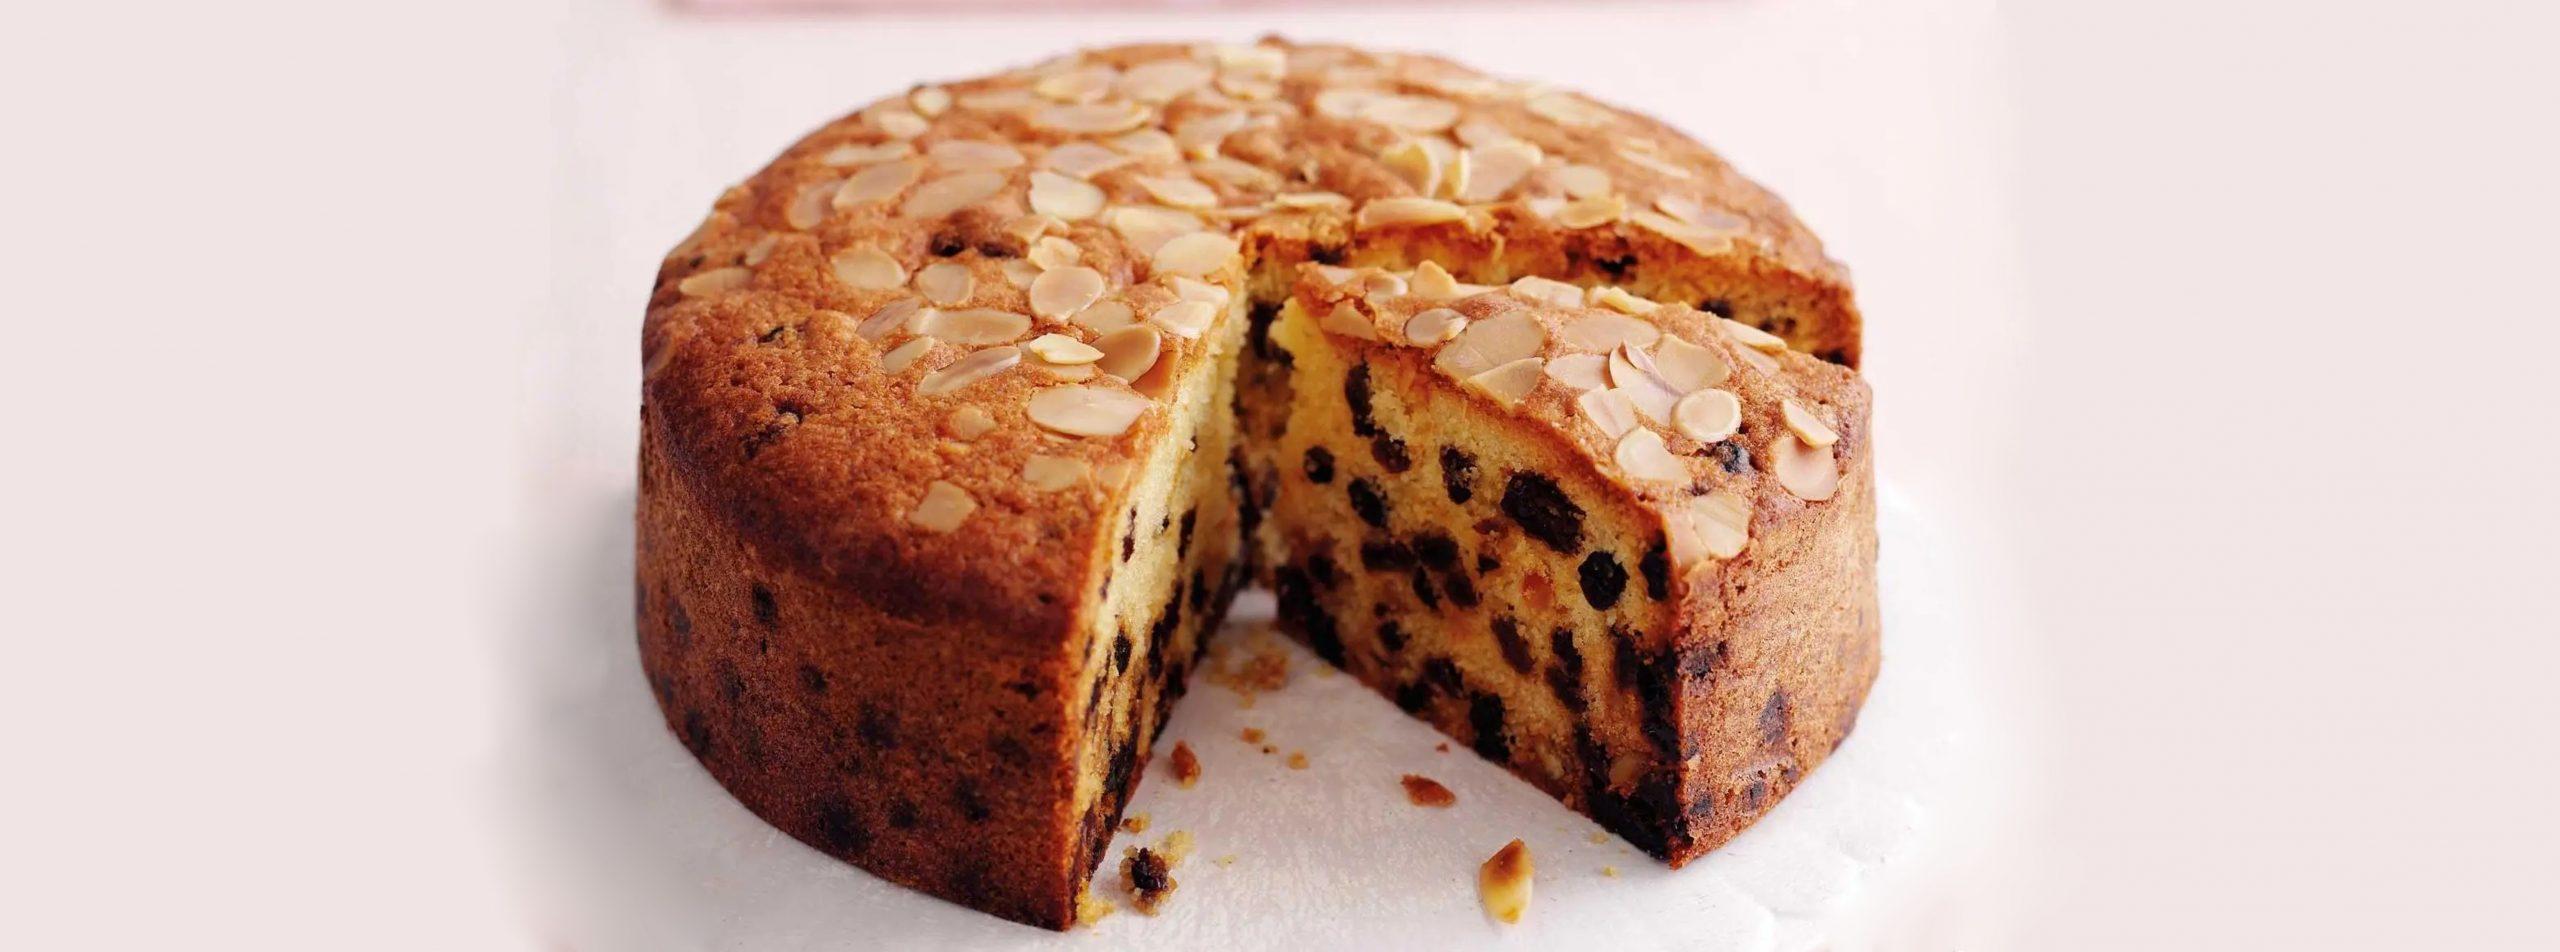 farmohouse cake mix